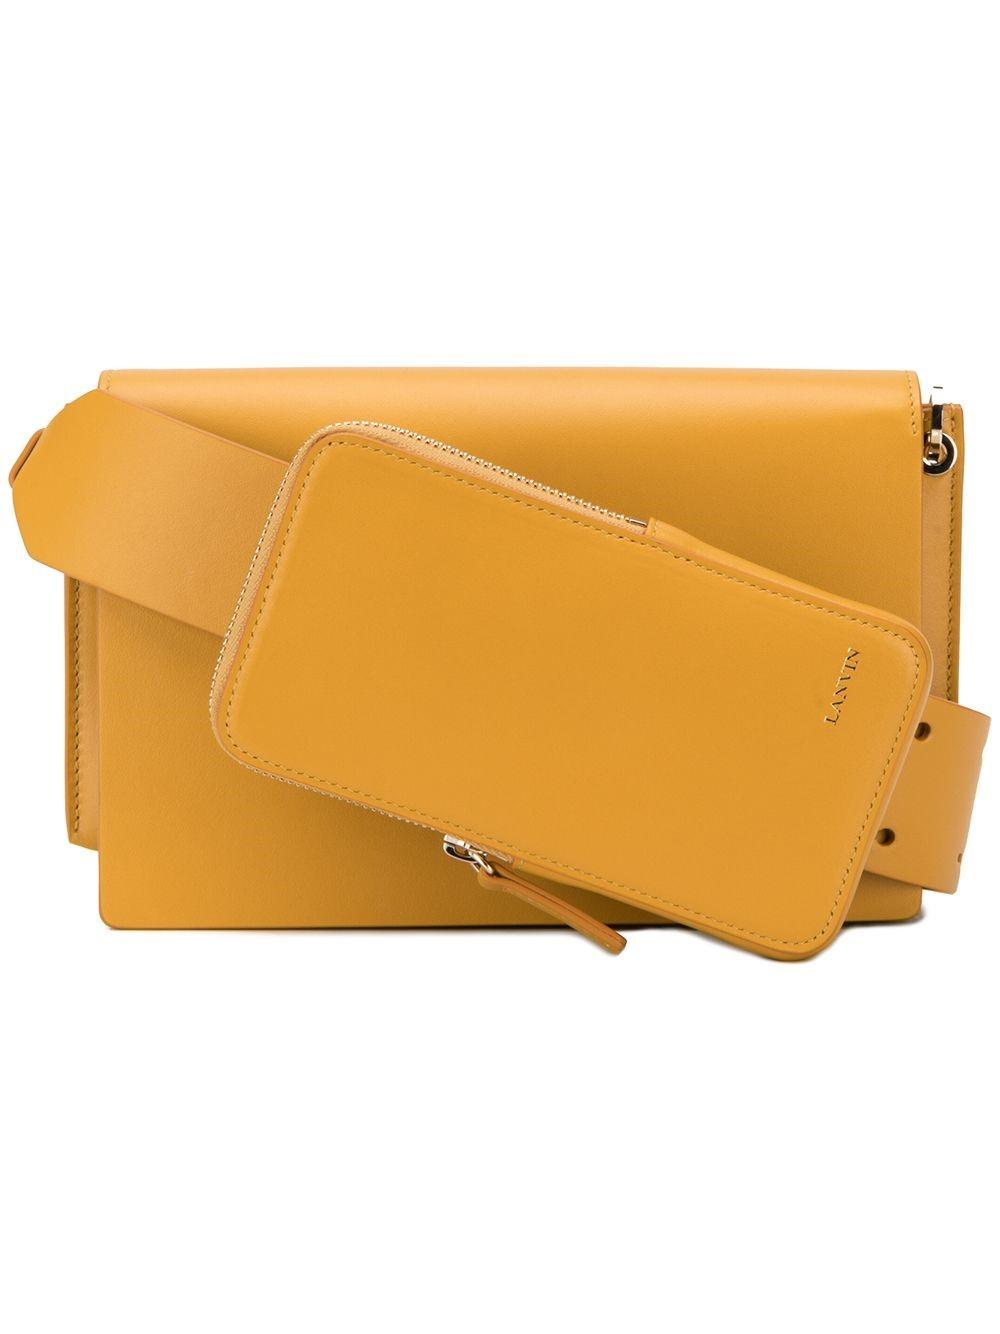 ba5d476dc4d lanvin PIXEL IT BAG available on montiboutique.com - 28274